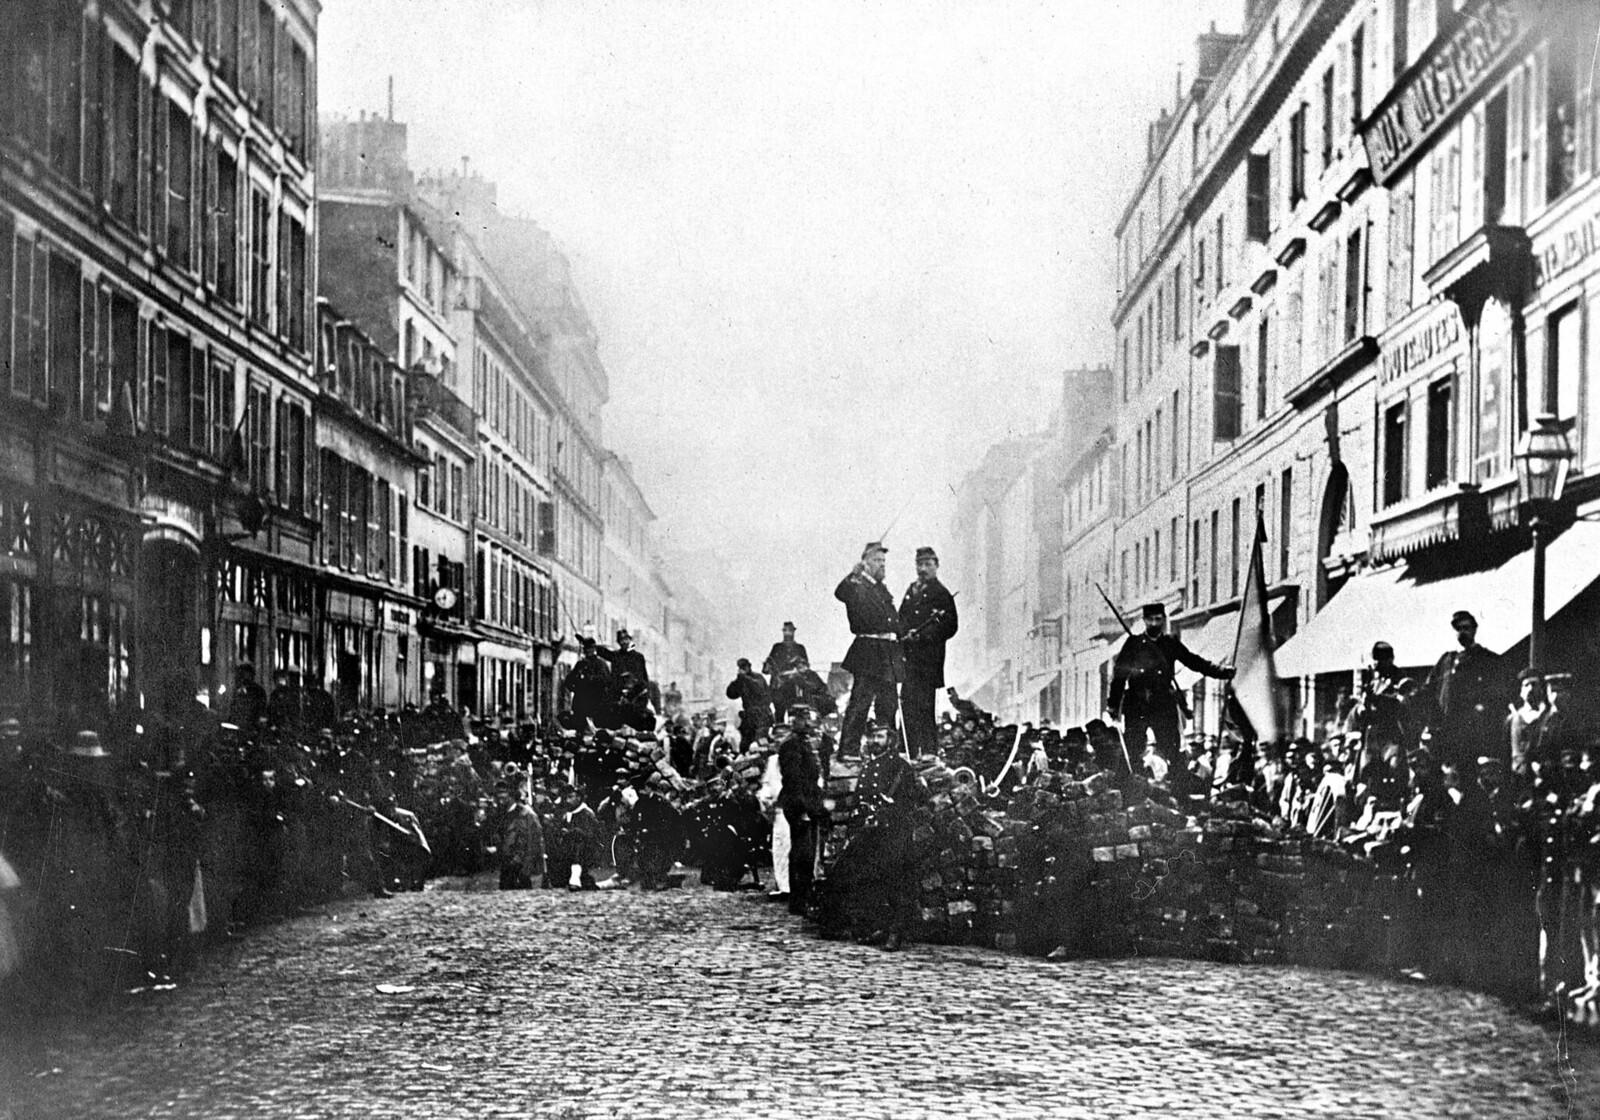 1871. Баррикада на улице Фландрии, 18 марта